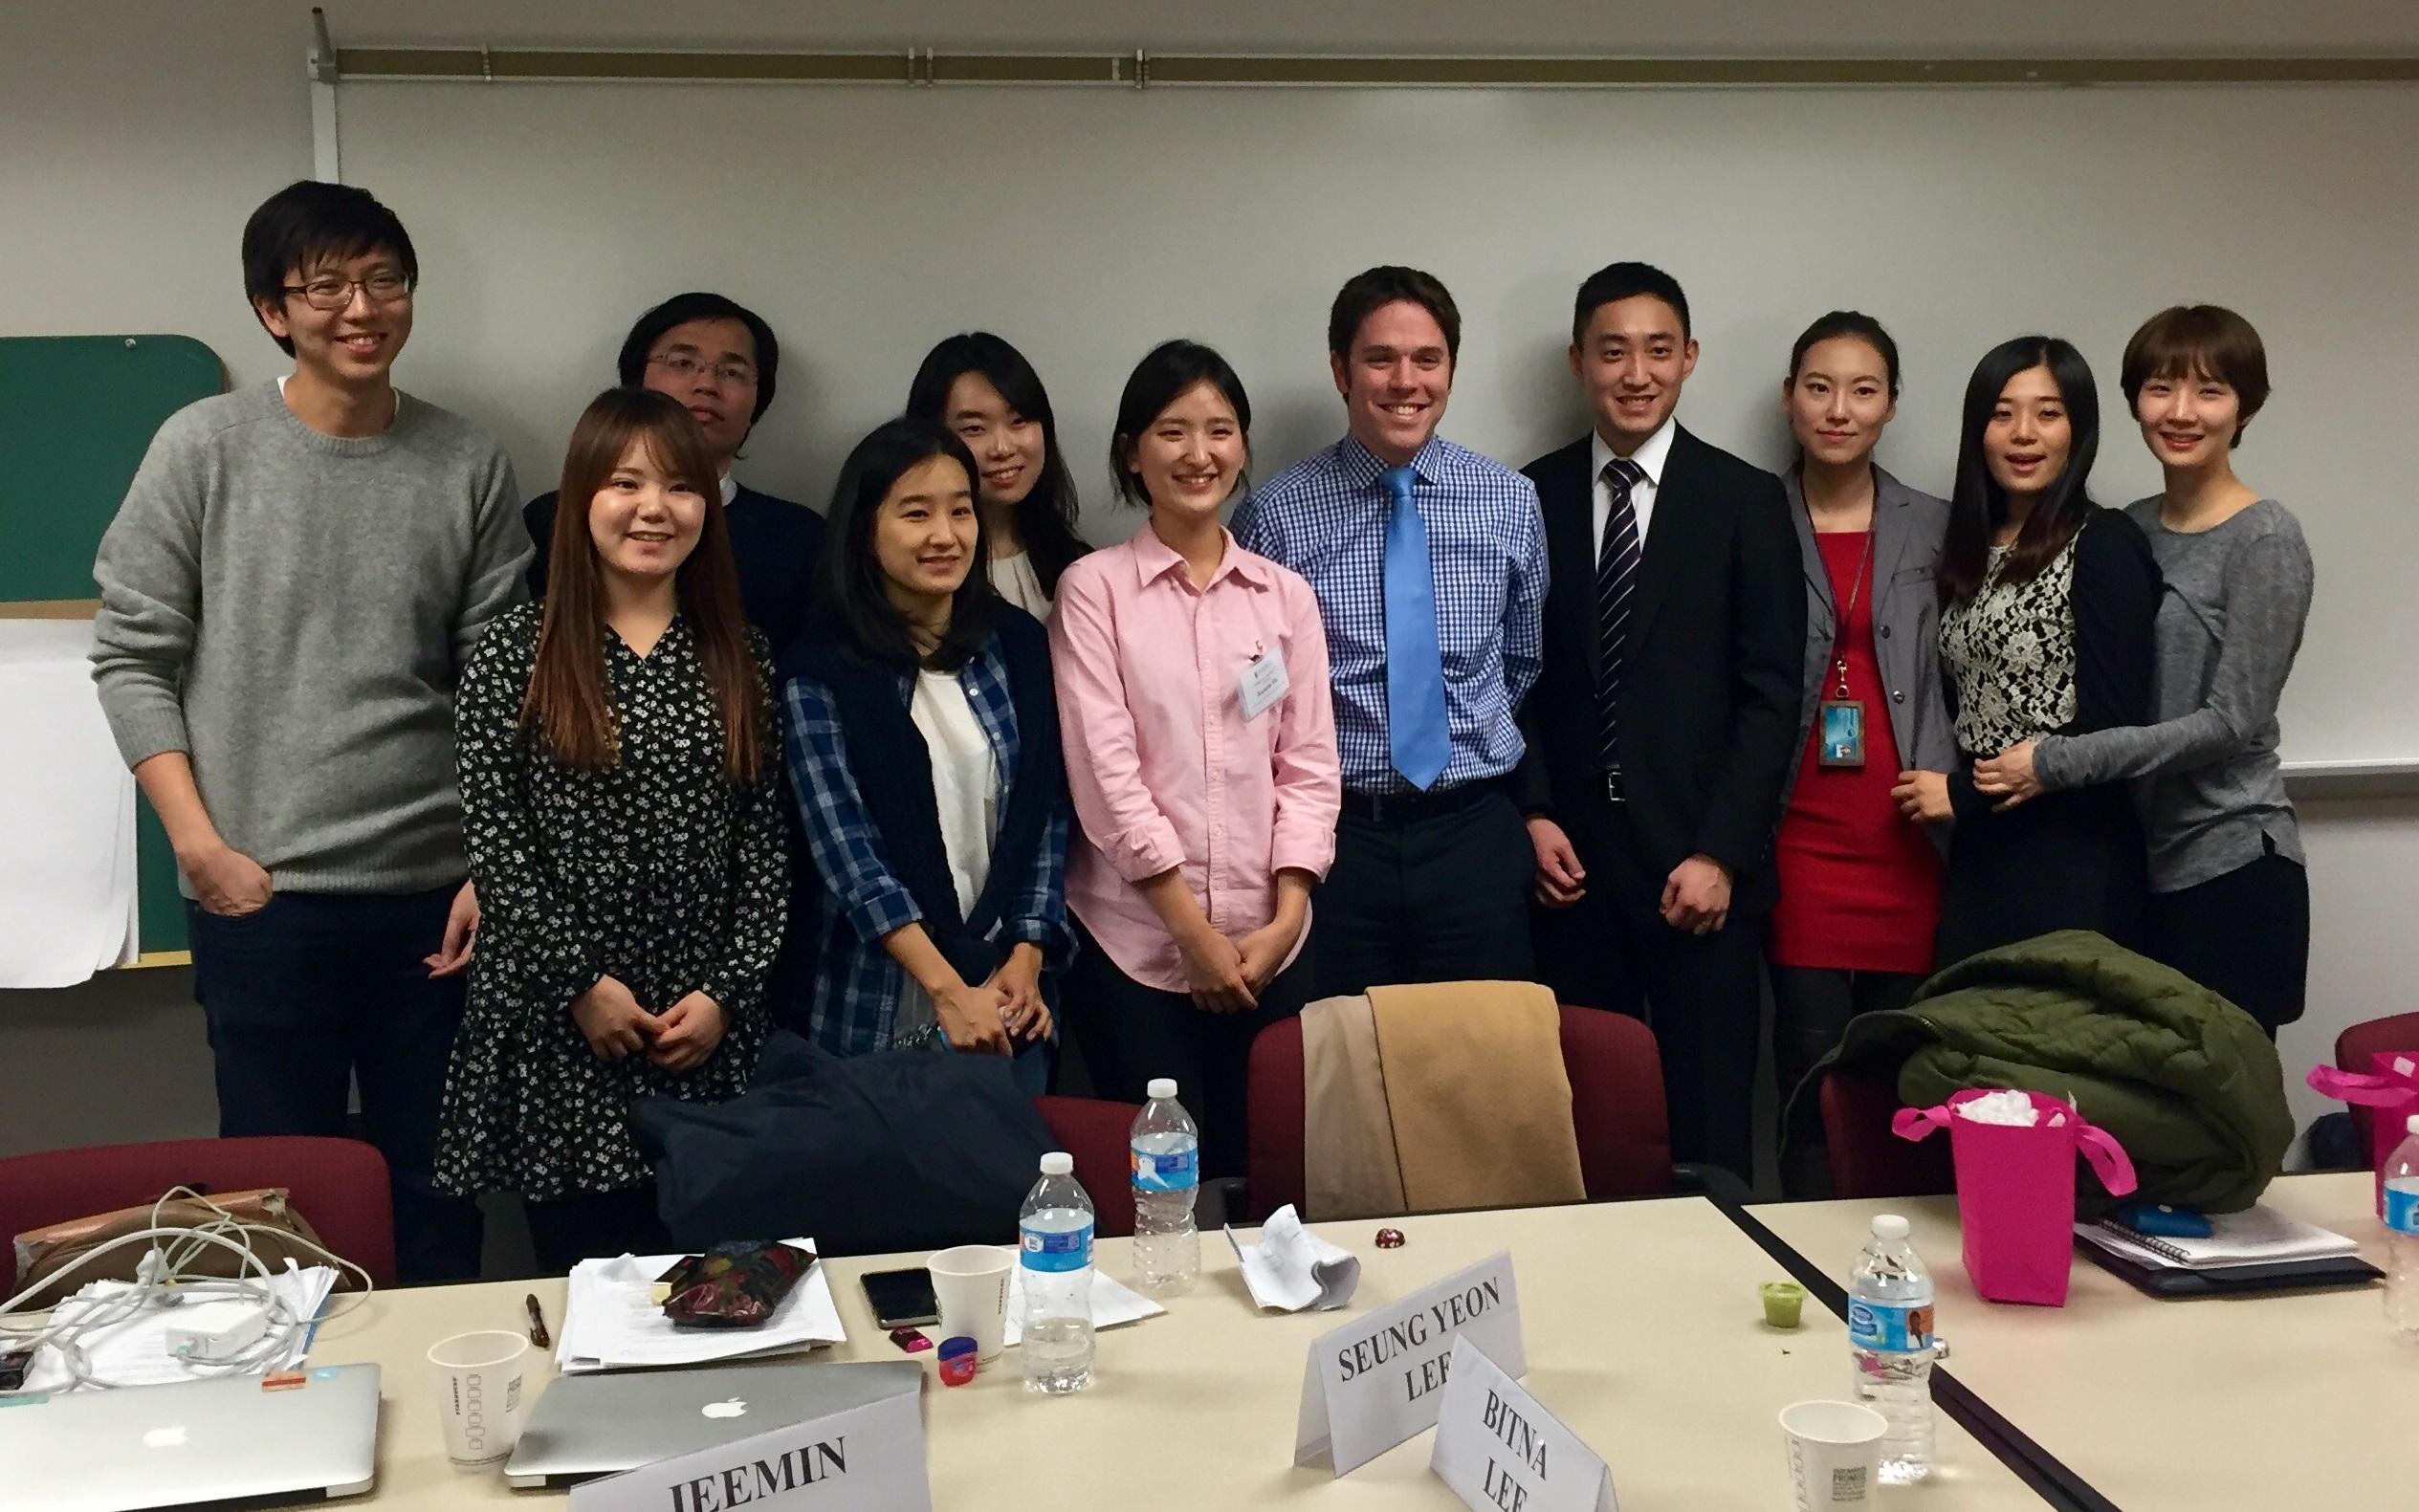 Bạn bè, thầy cô xung quanh bạn có thể là nguồn thông tin quý giá về các cơ hội làm thêm tại Hàn Quốc